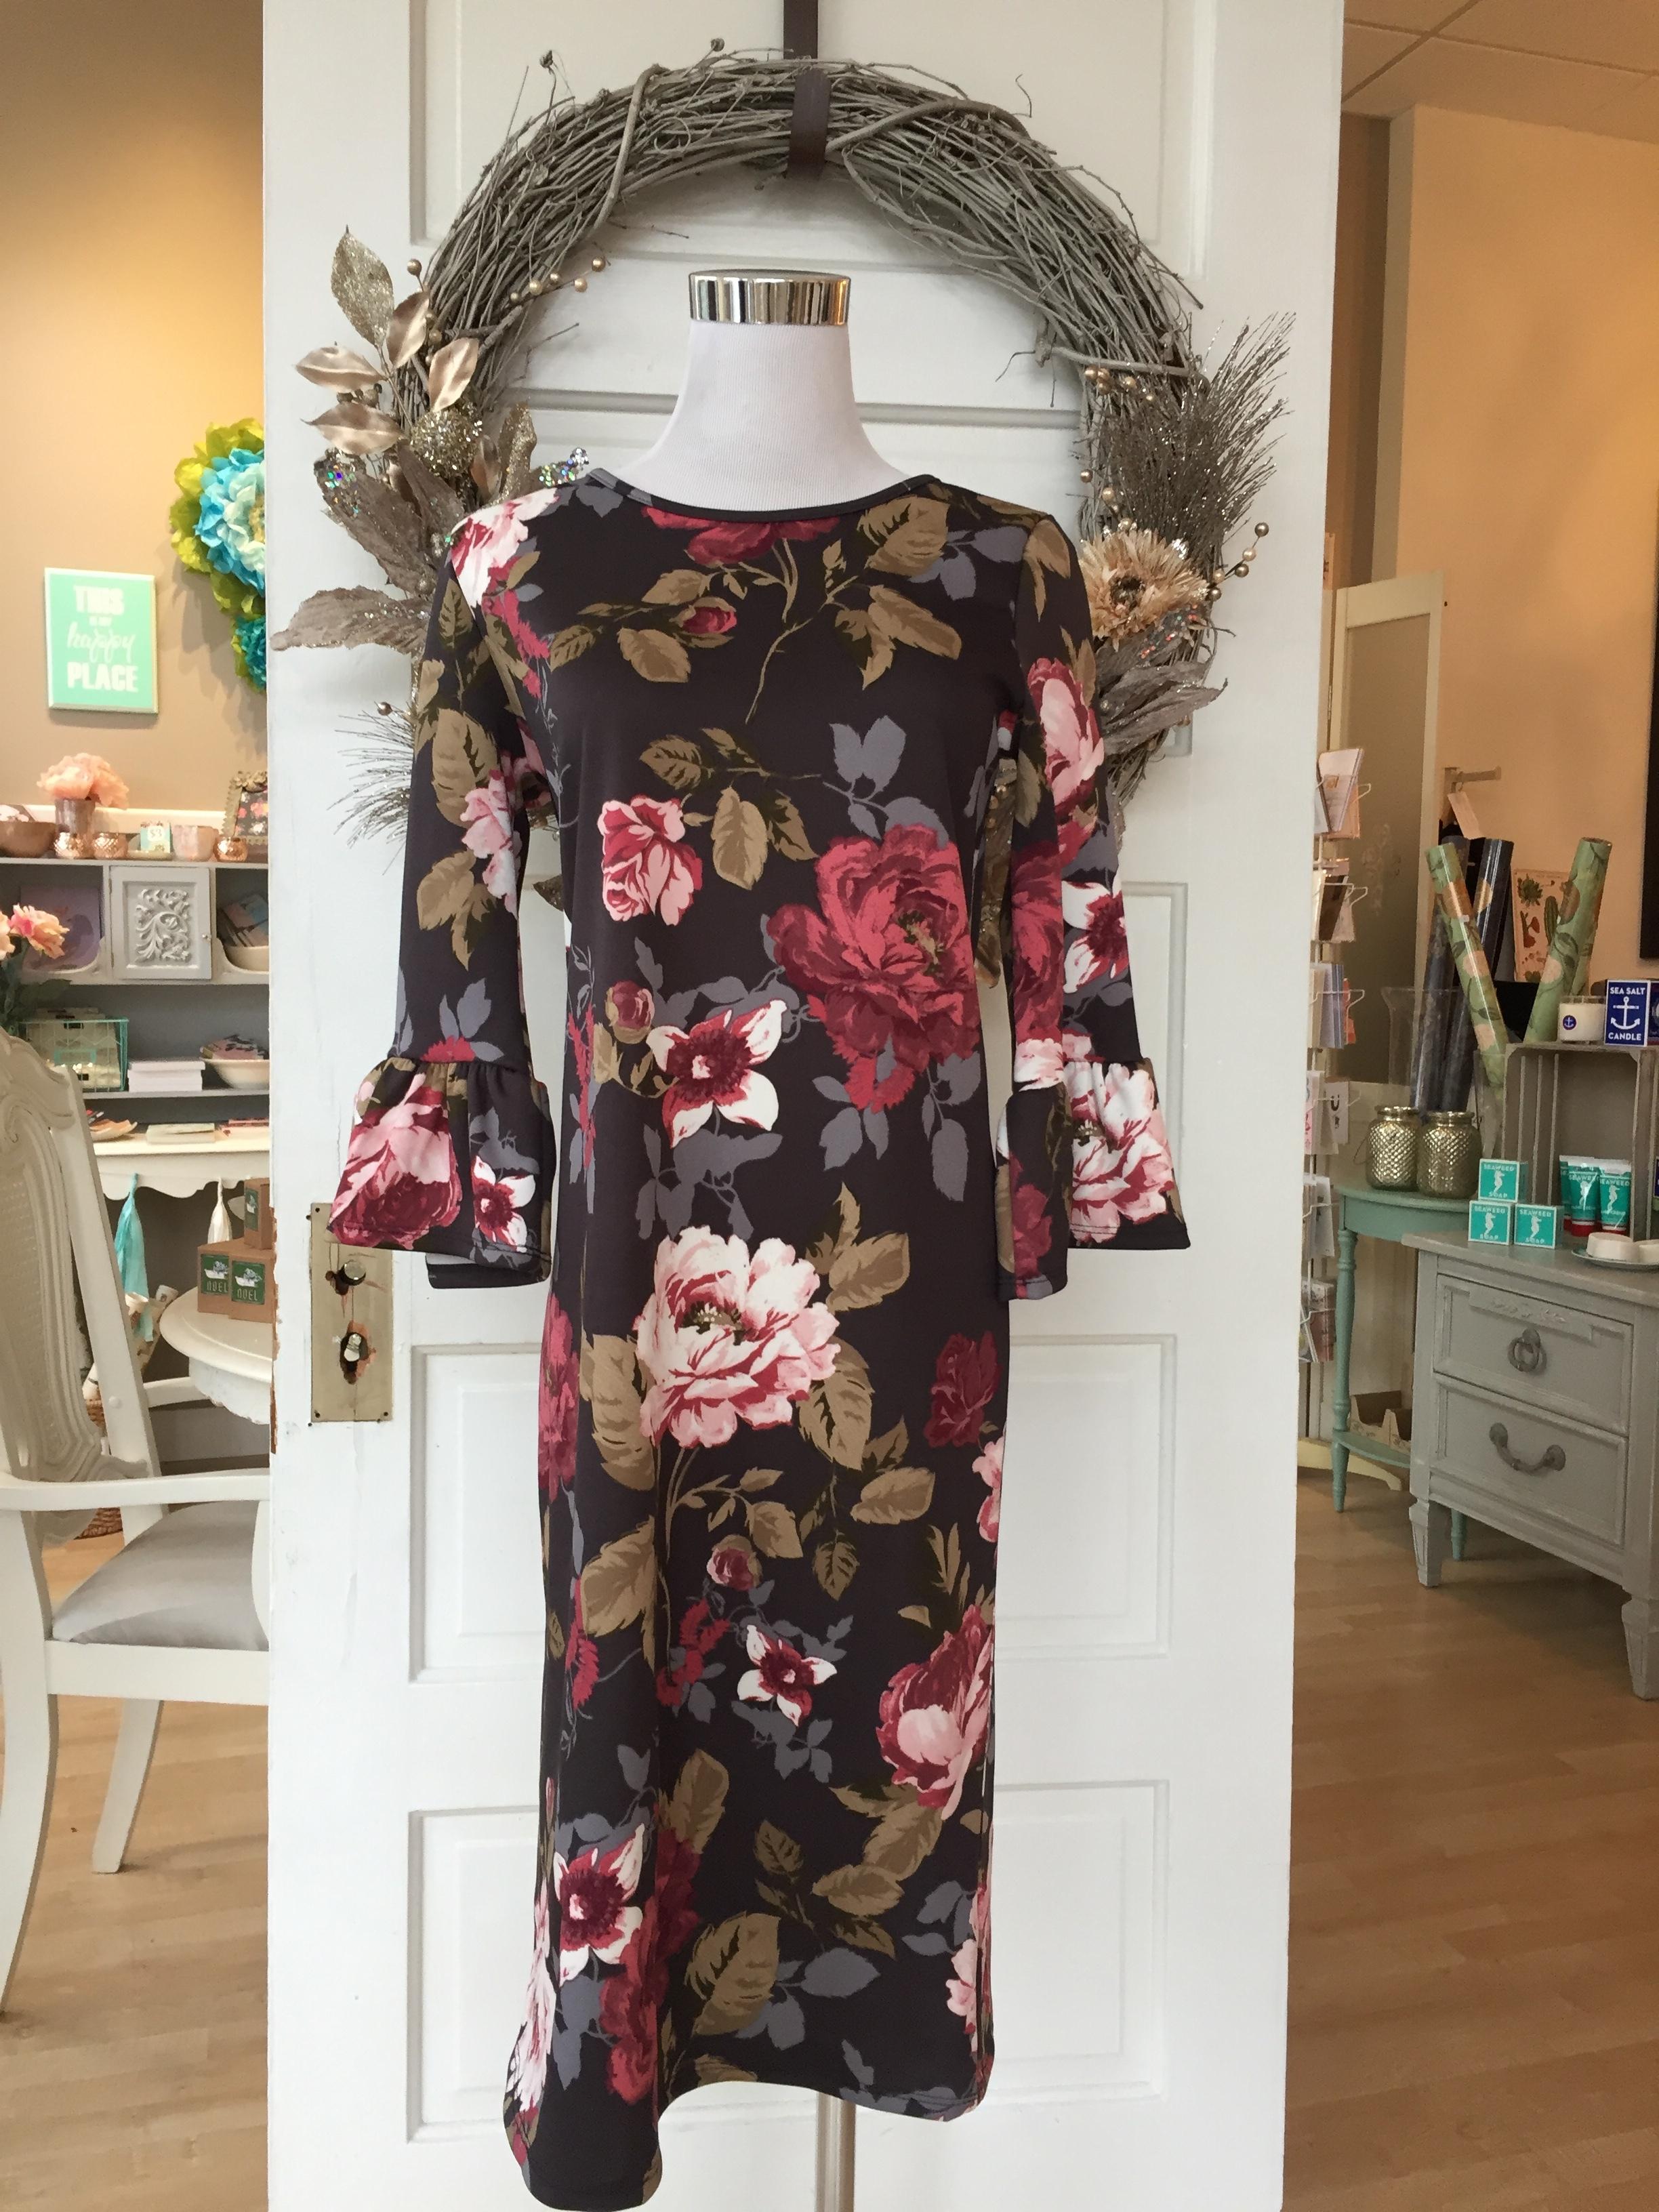 Les Amis Floral Dress $38